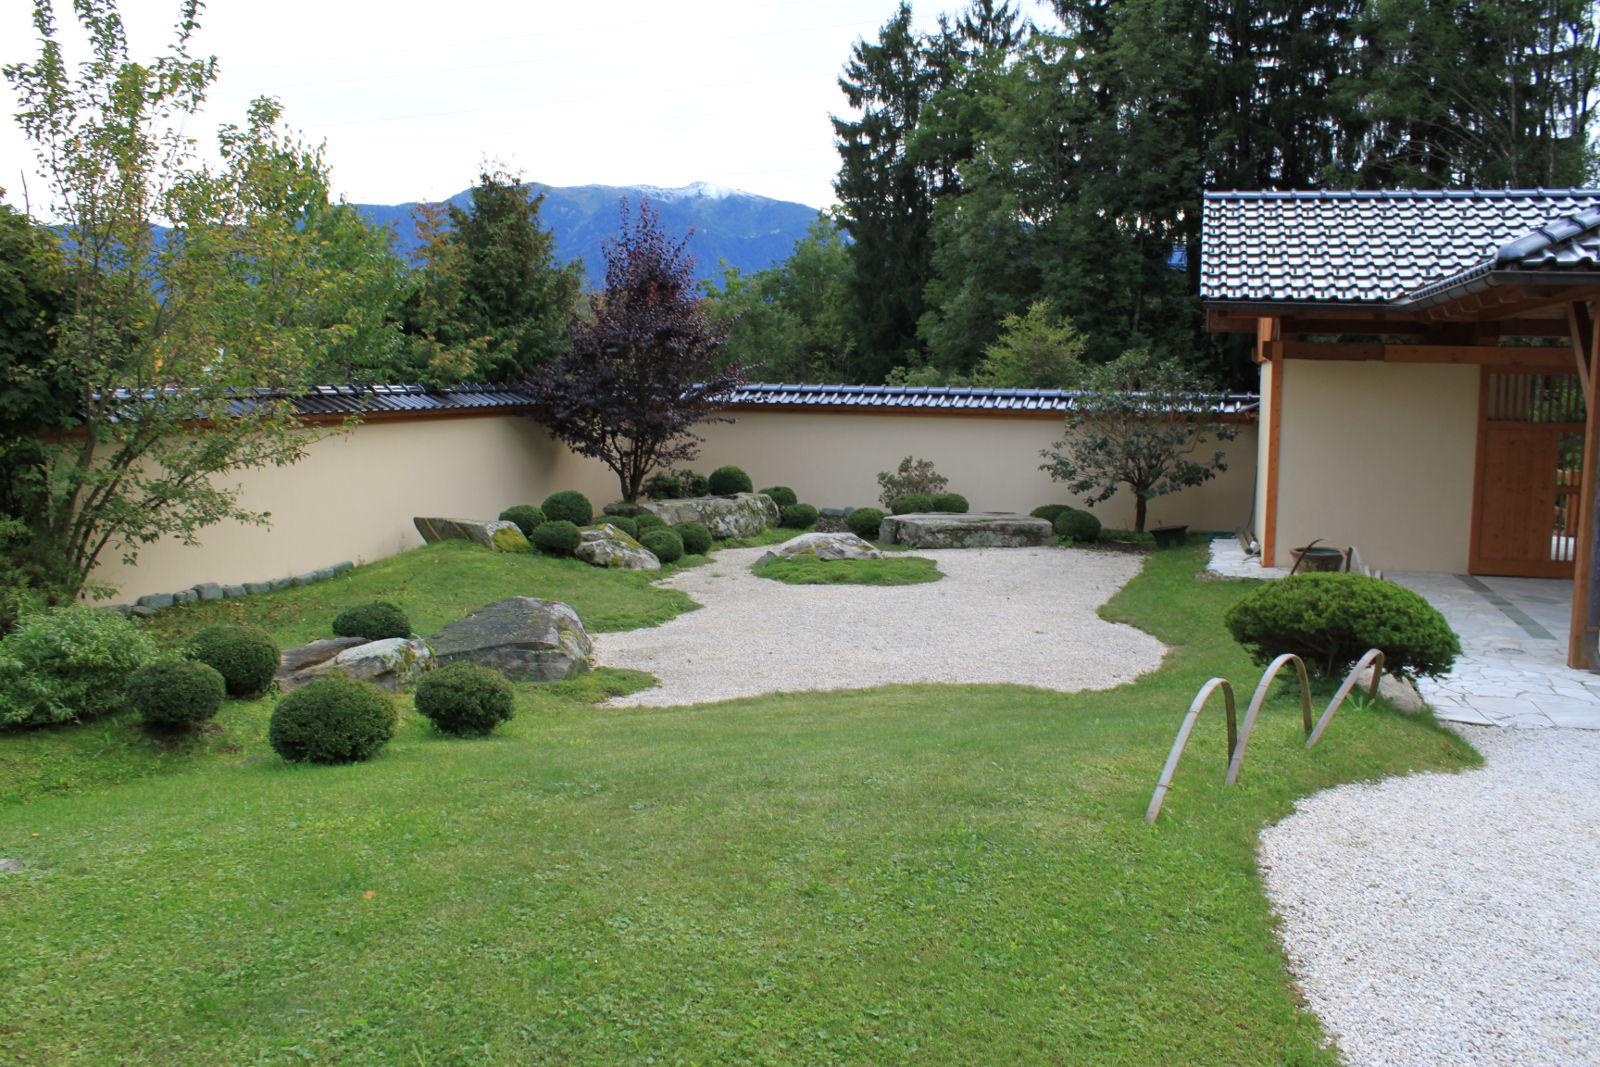 Pekné zákutie v rohu záhrady